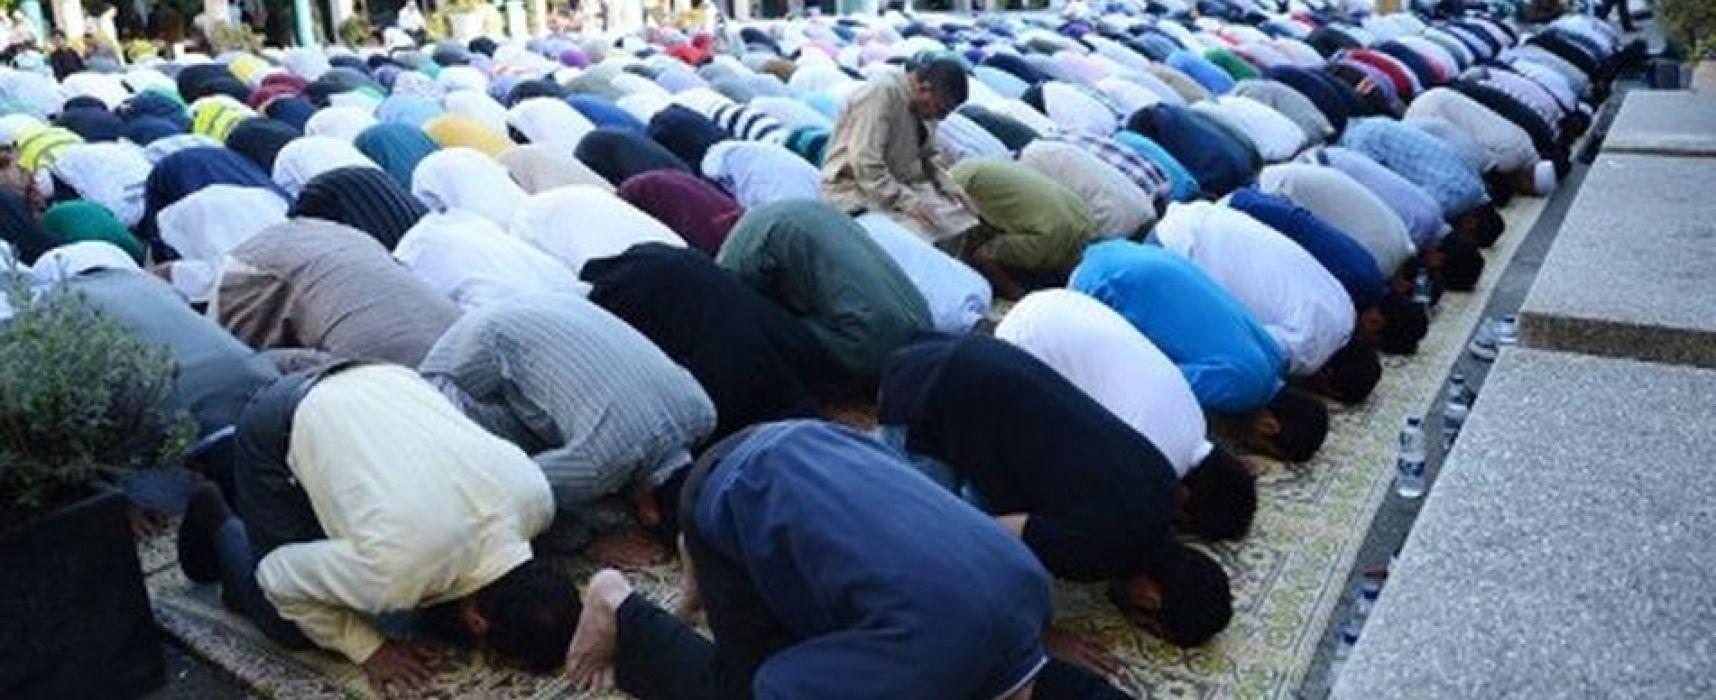 Franklin Graham repudia oración de musulmanes en iglesia cristiana